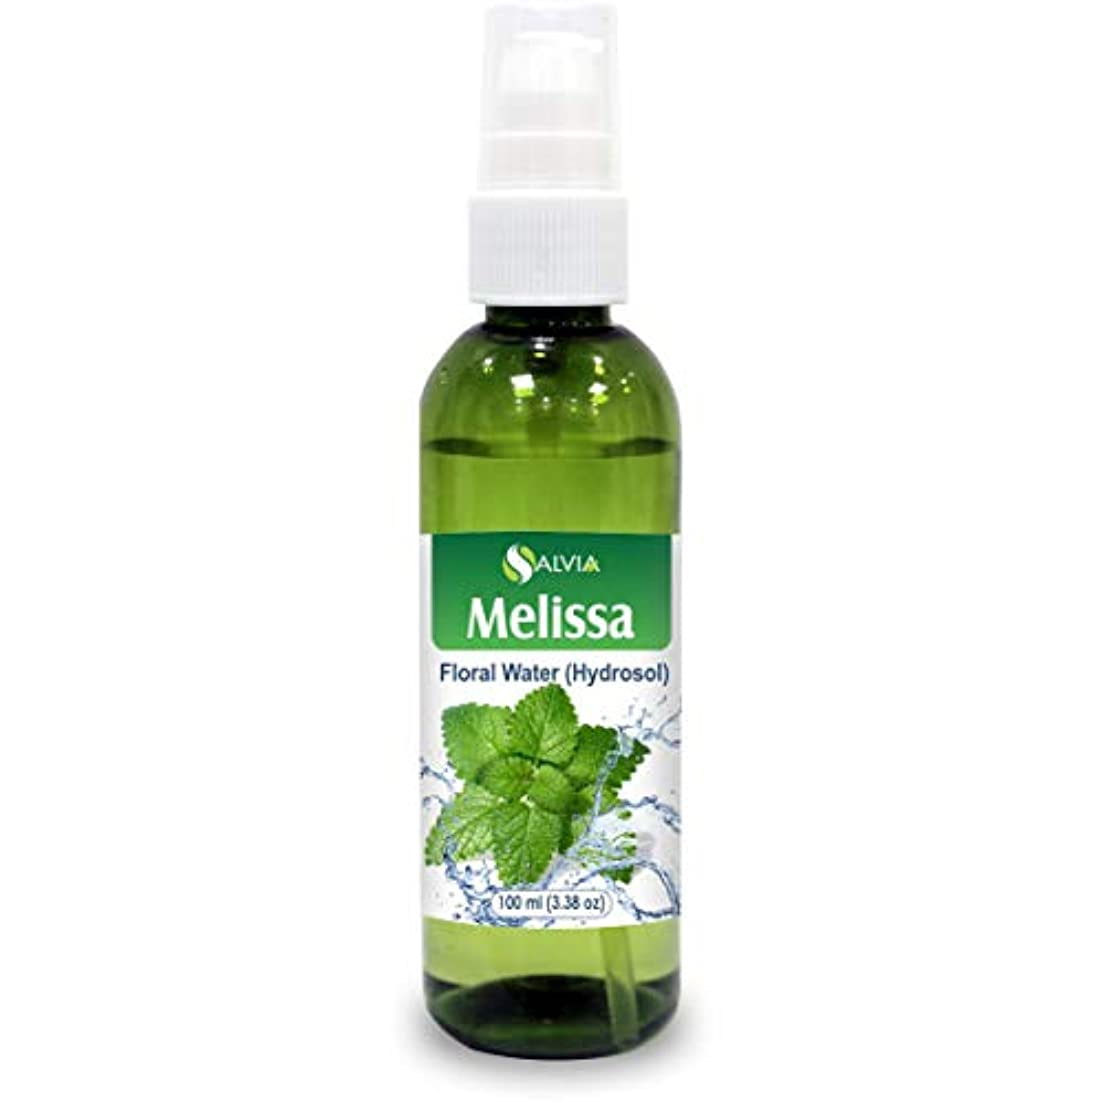 ふさわしい生活実り多いMelissa (Lemon Balm) Floral Water 100ml (Hydrosol) 100% Pure And Natural